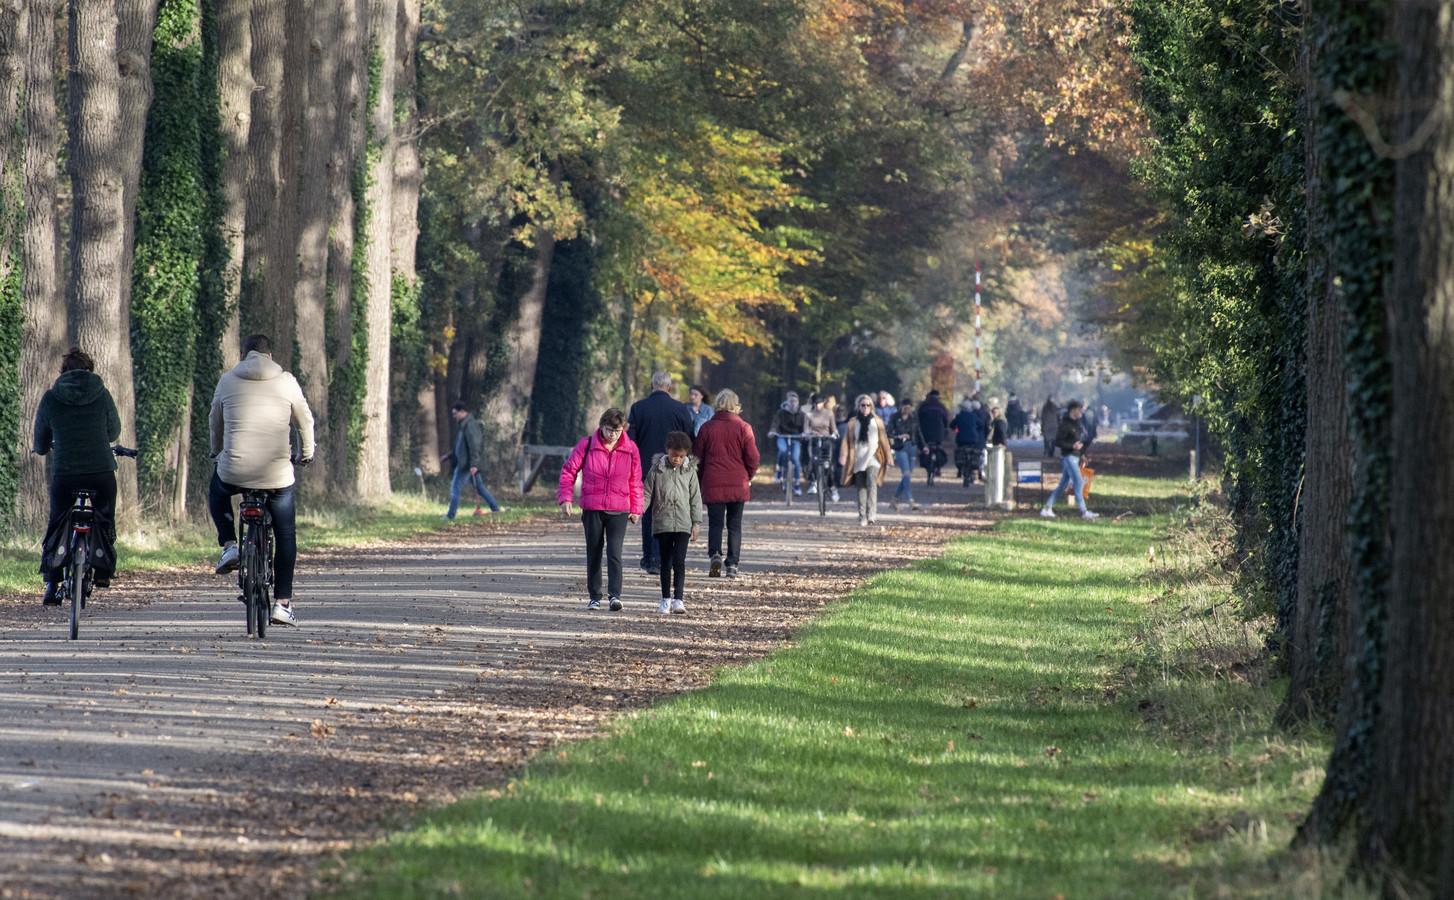 De Gravenallee is al sinds jaar en dag een lustoord voor wandelaars. Met dank aan de grafelijke familie Van Rechteren Limpurg.